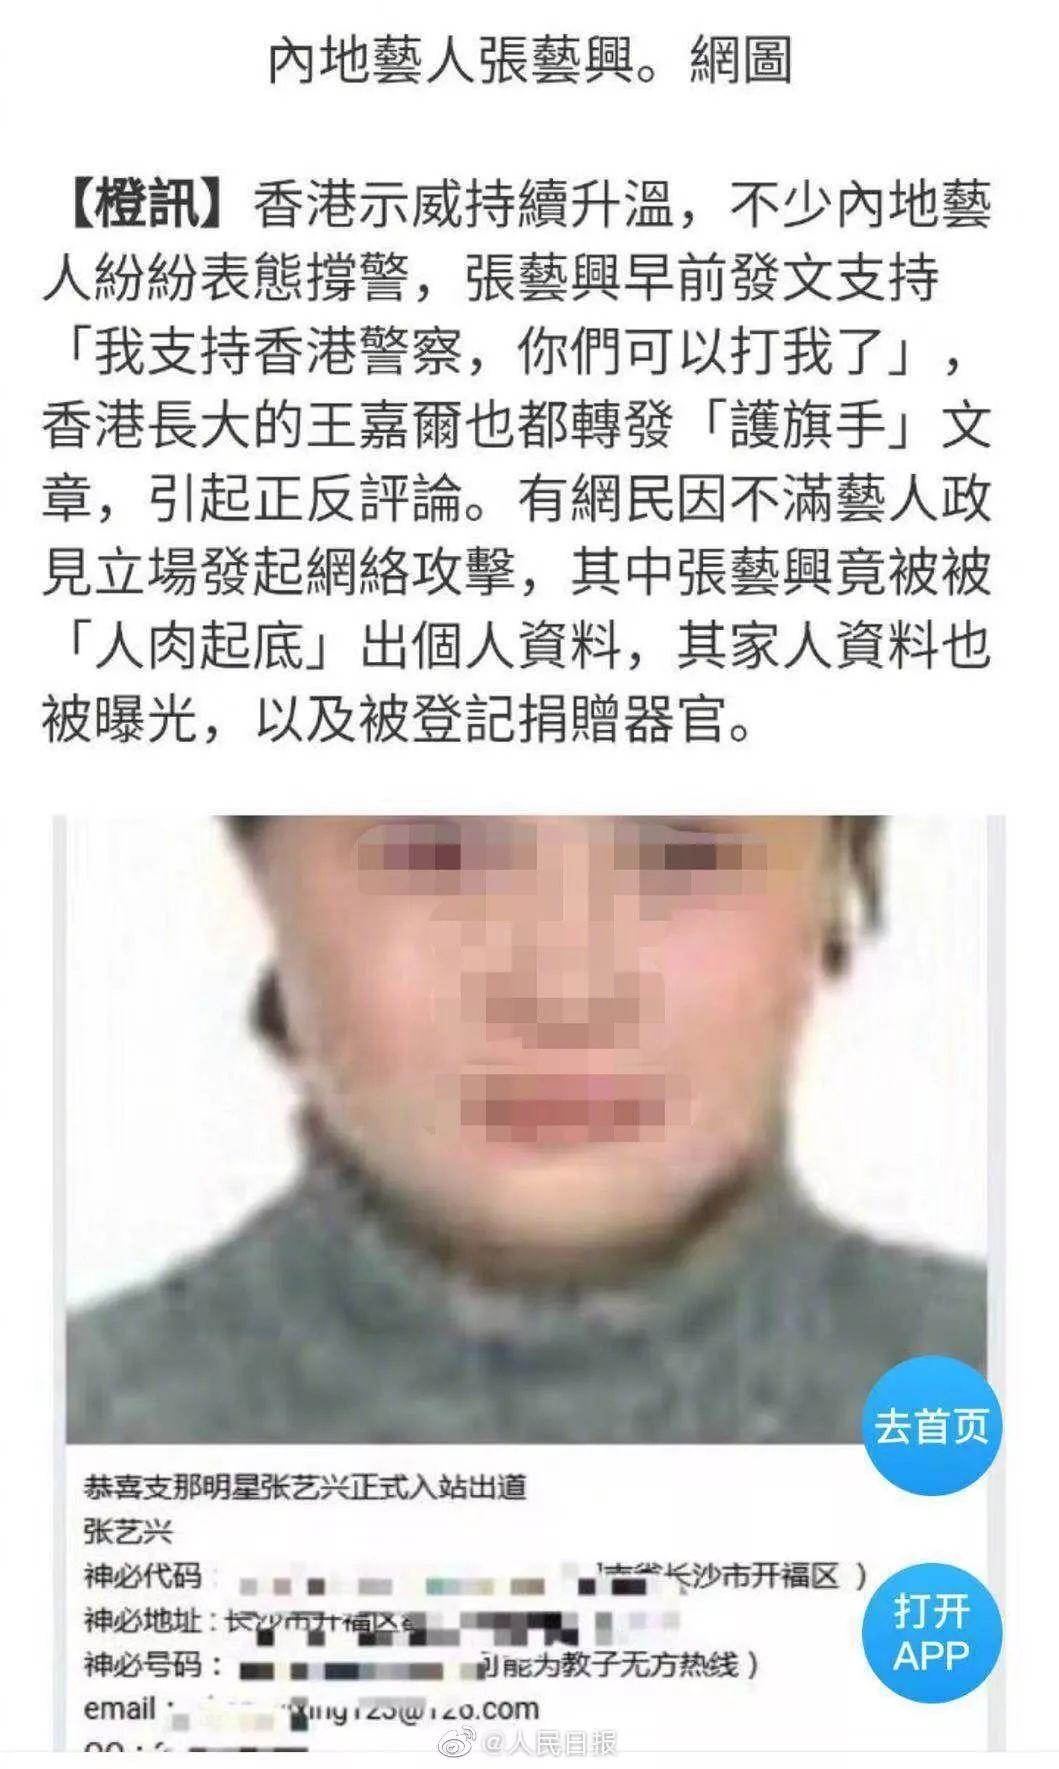 图源:人民日报微博